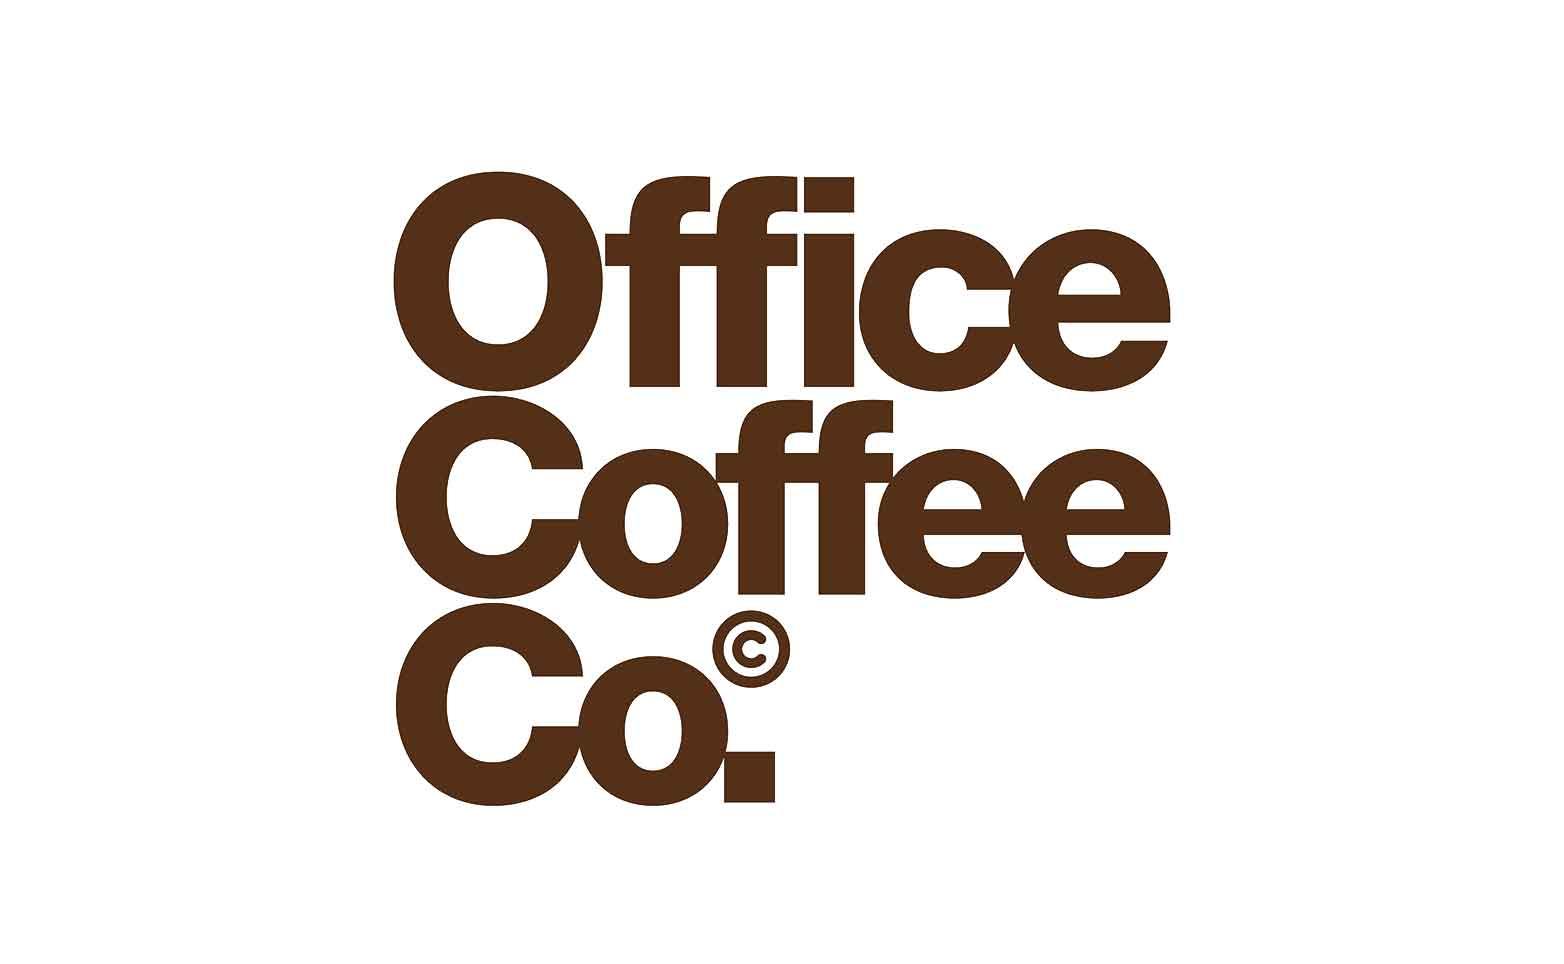 officecoffeecompany